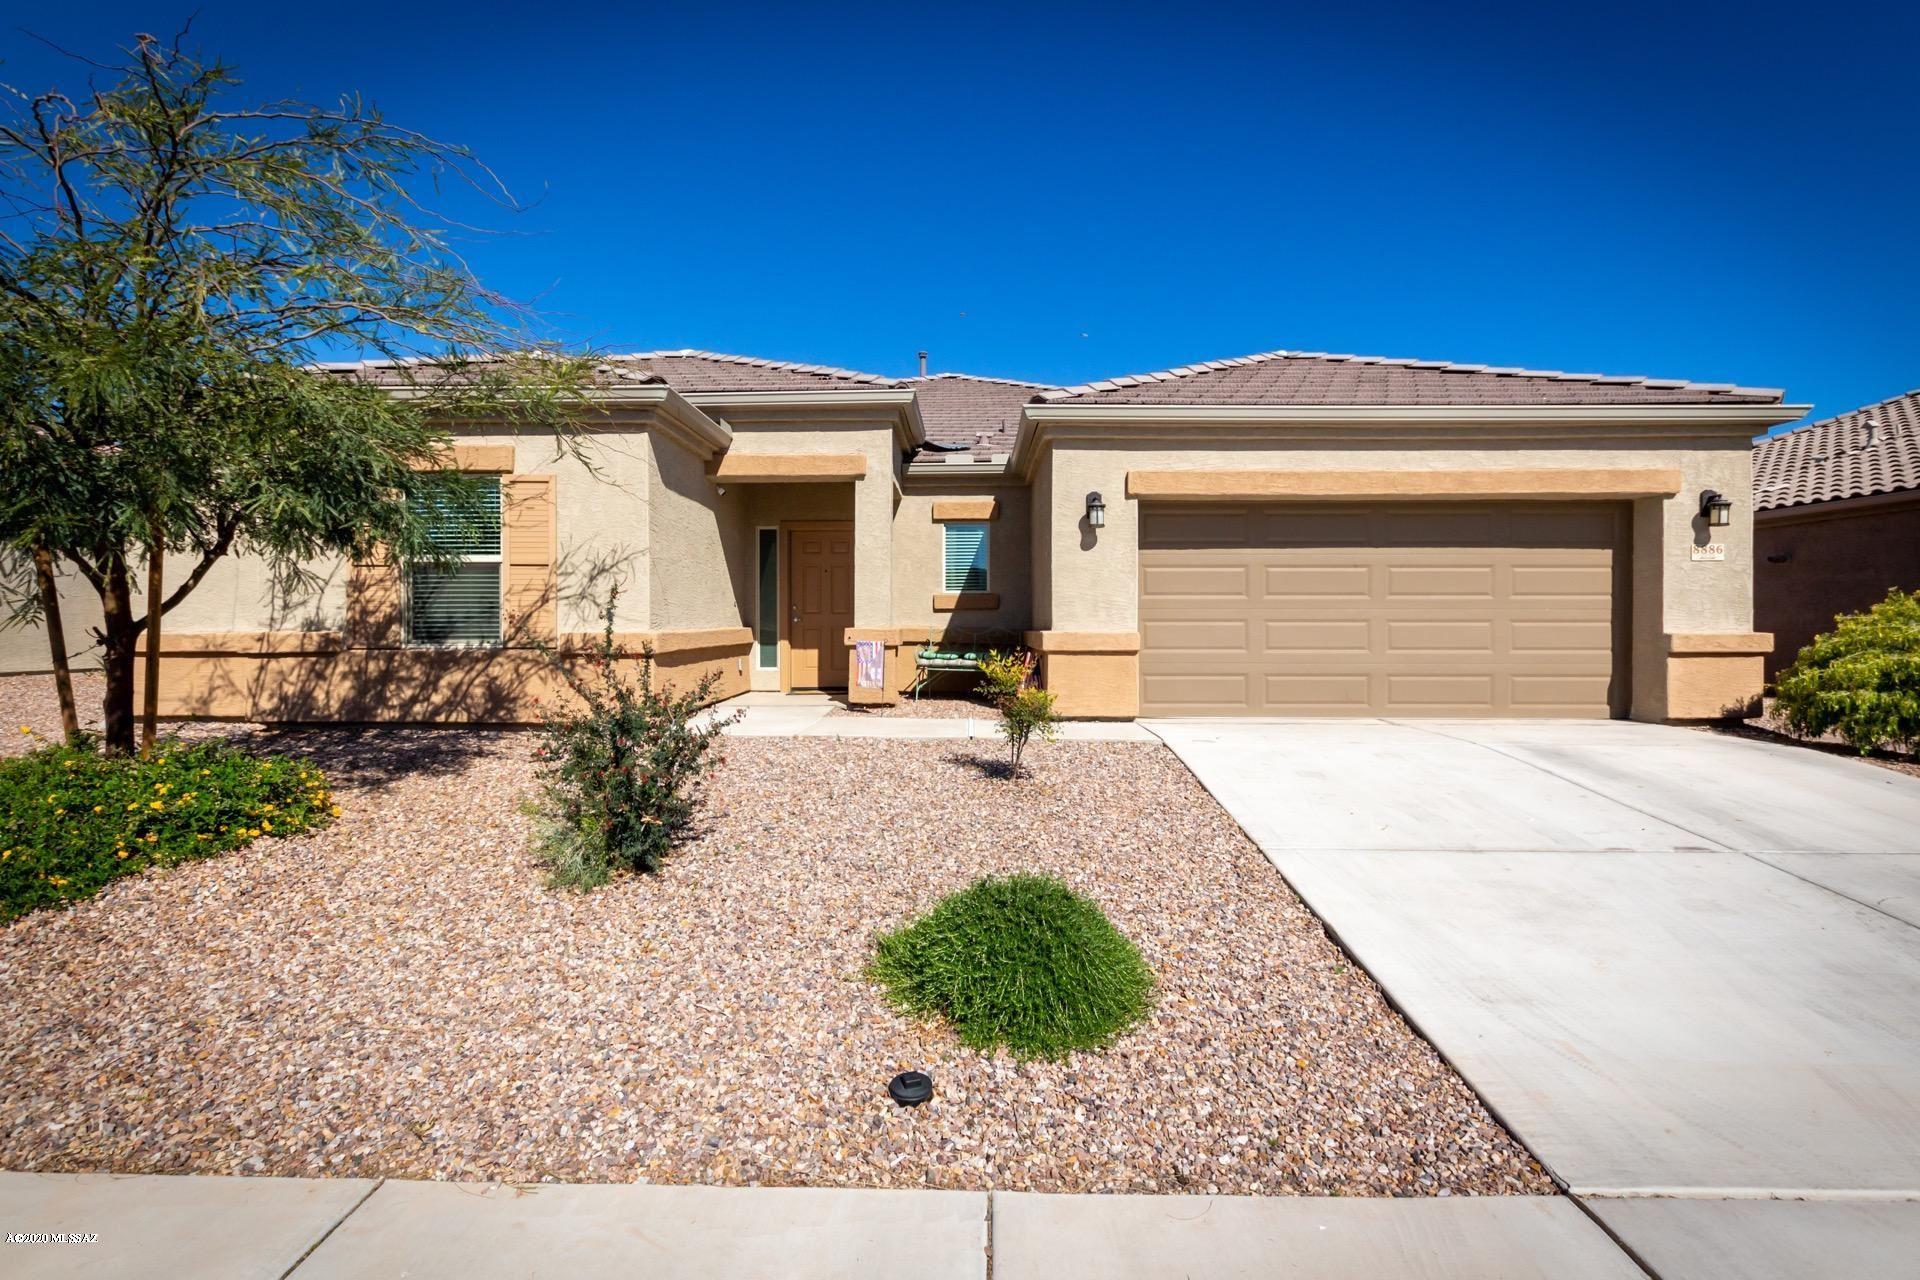 8886 W Saguaro Skies Road, Marana, AZ 85653 - #: 22008347